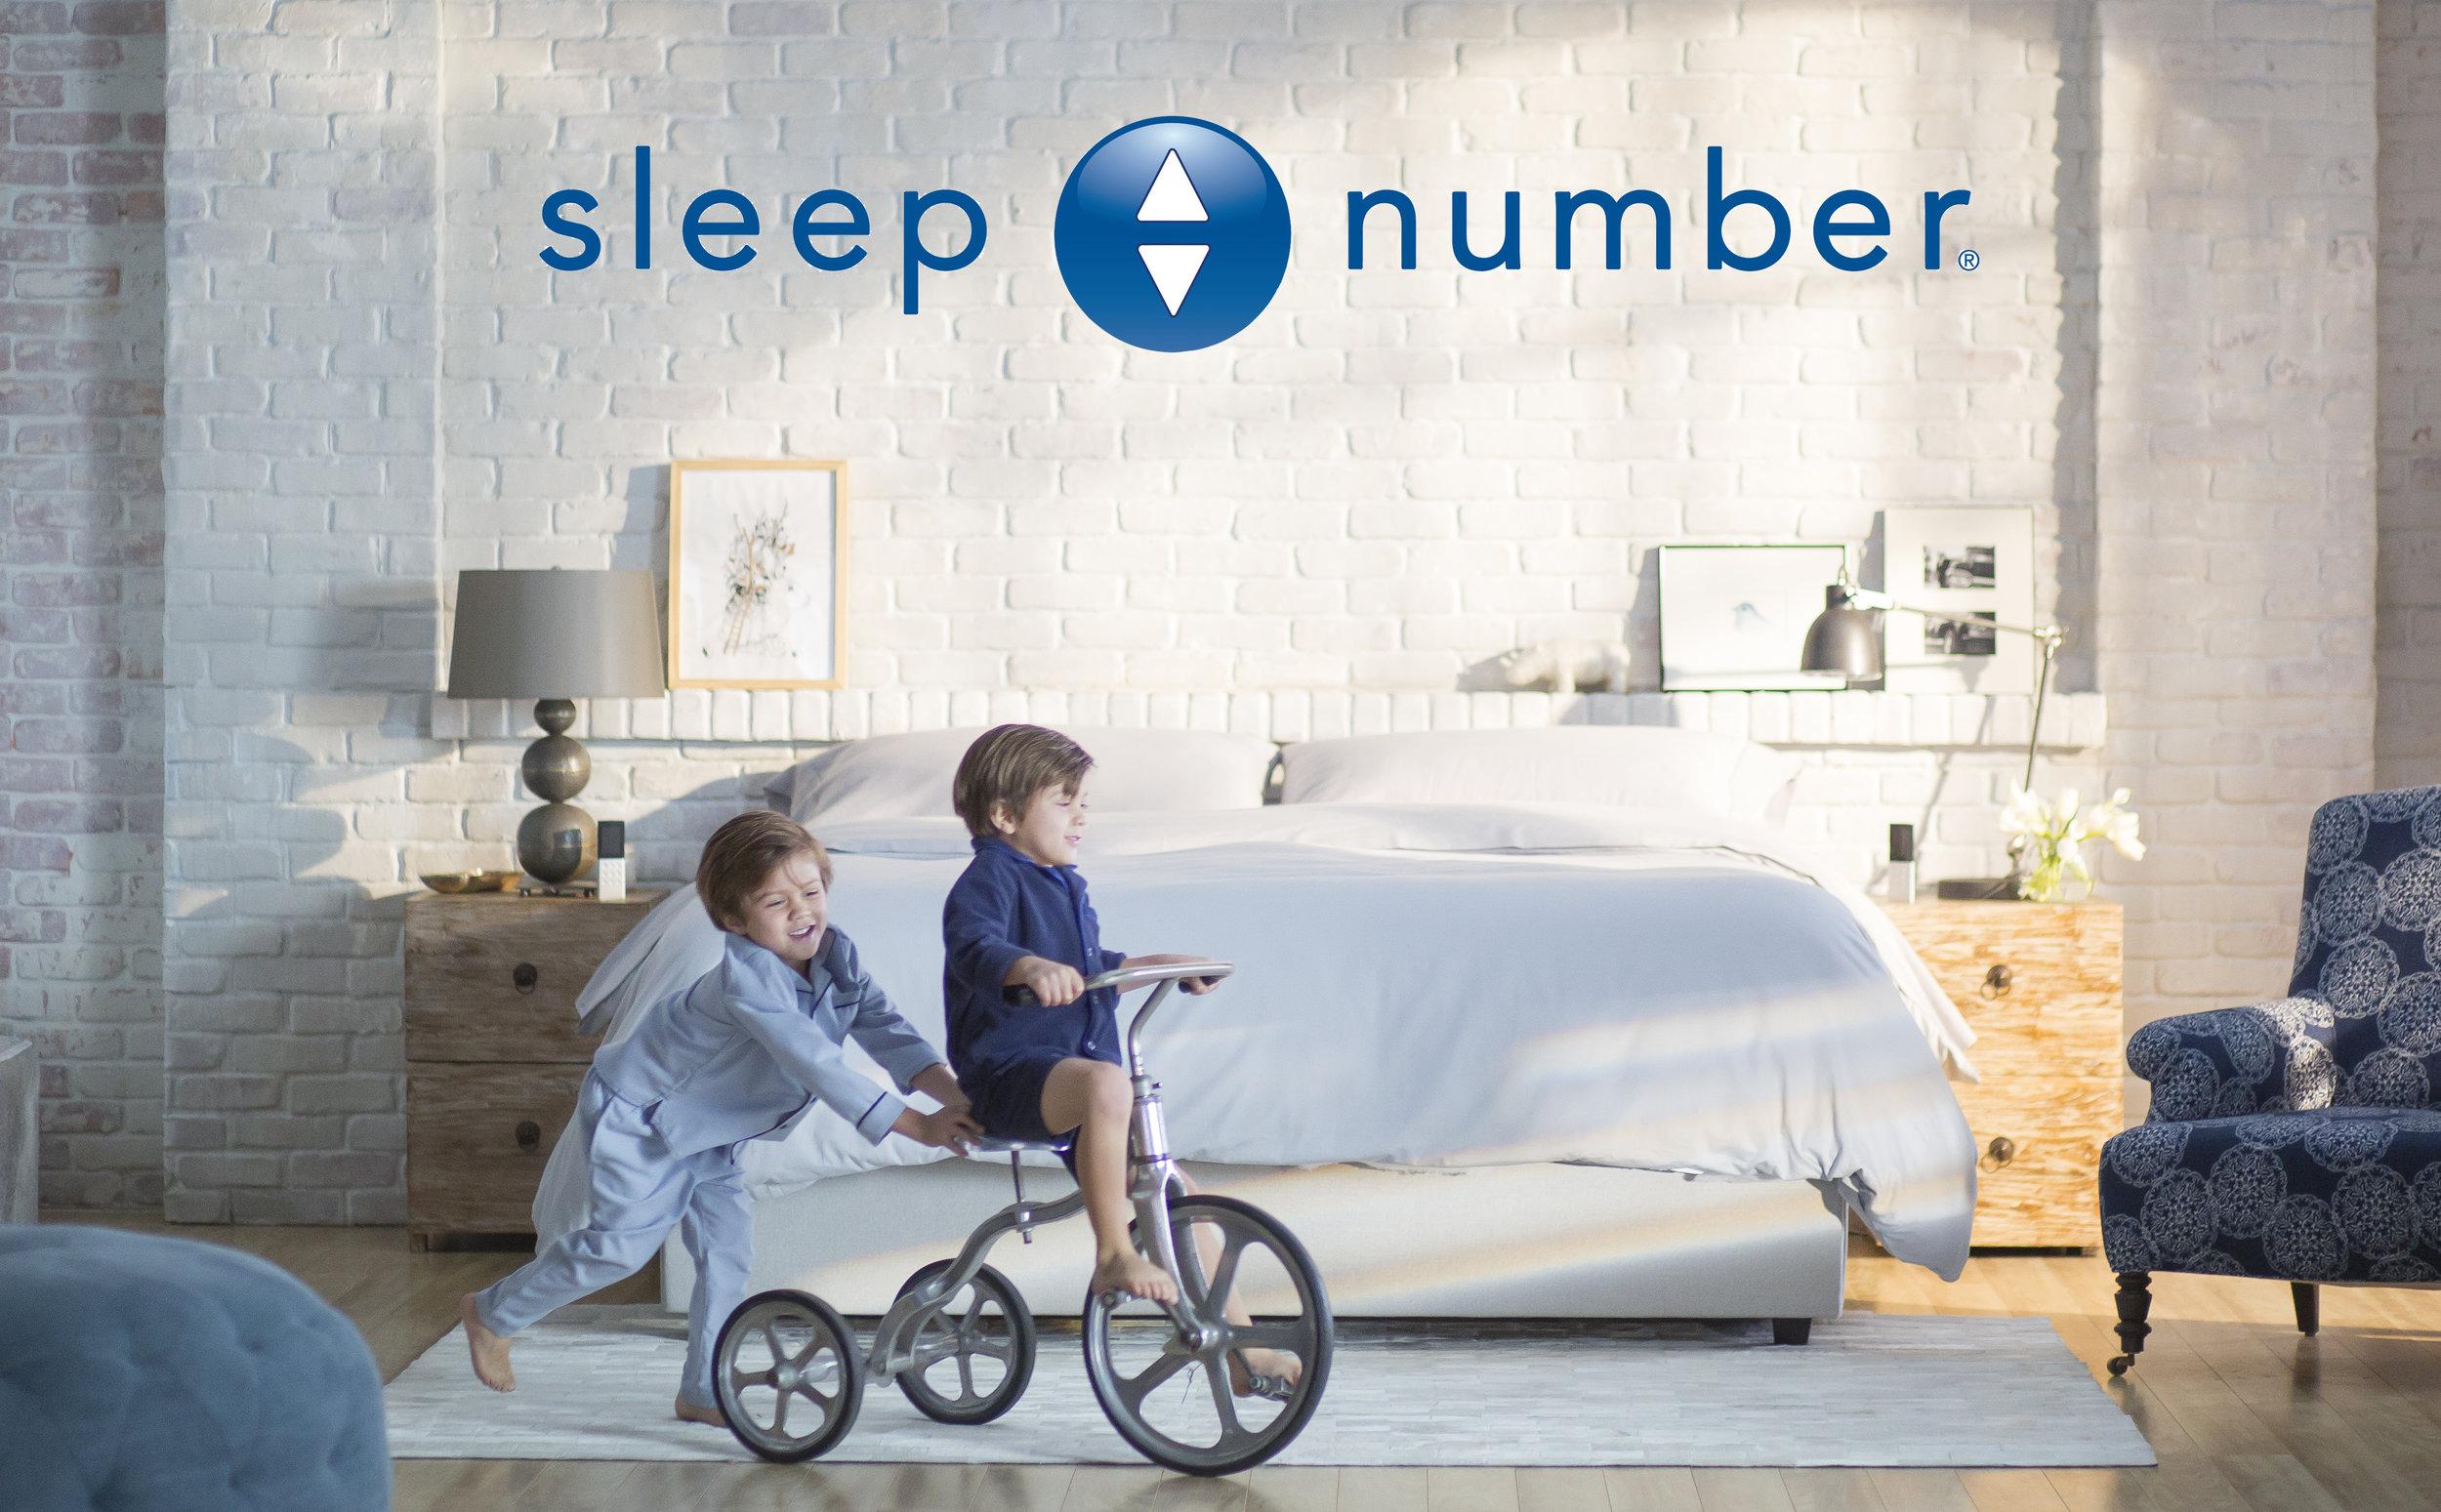 sleep5.jpg